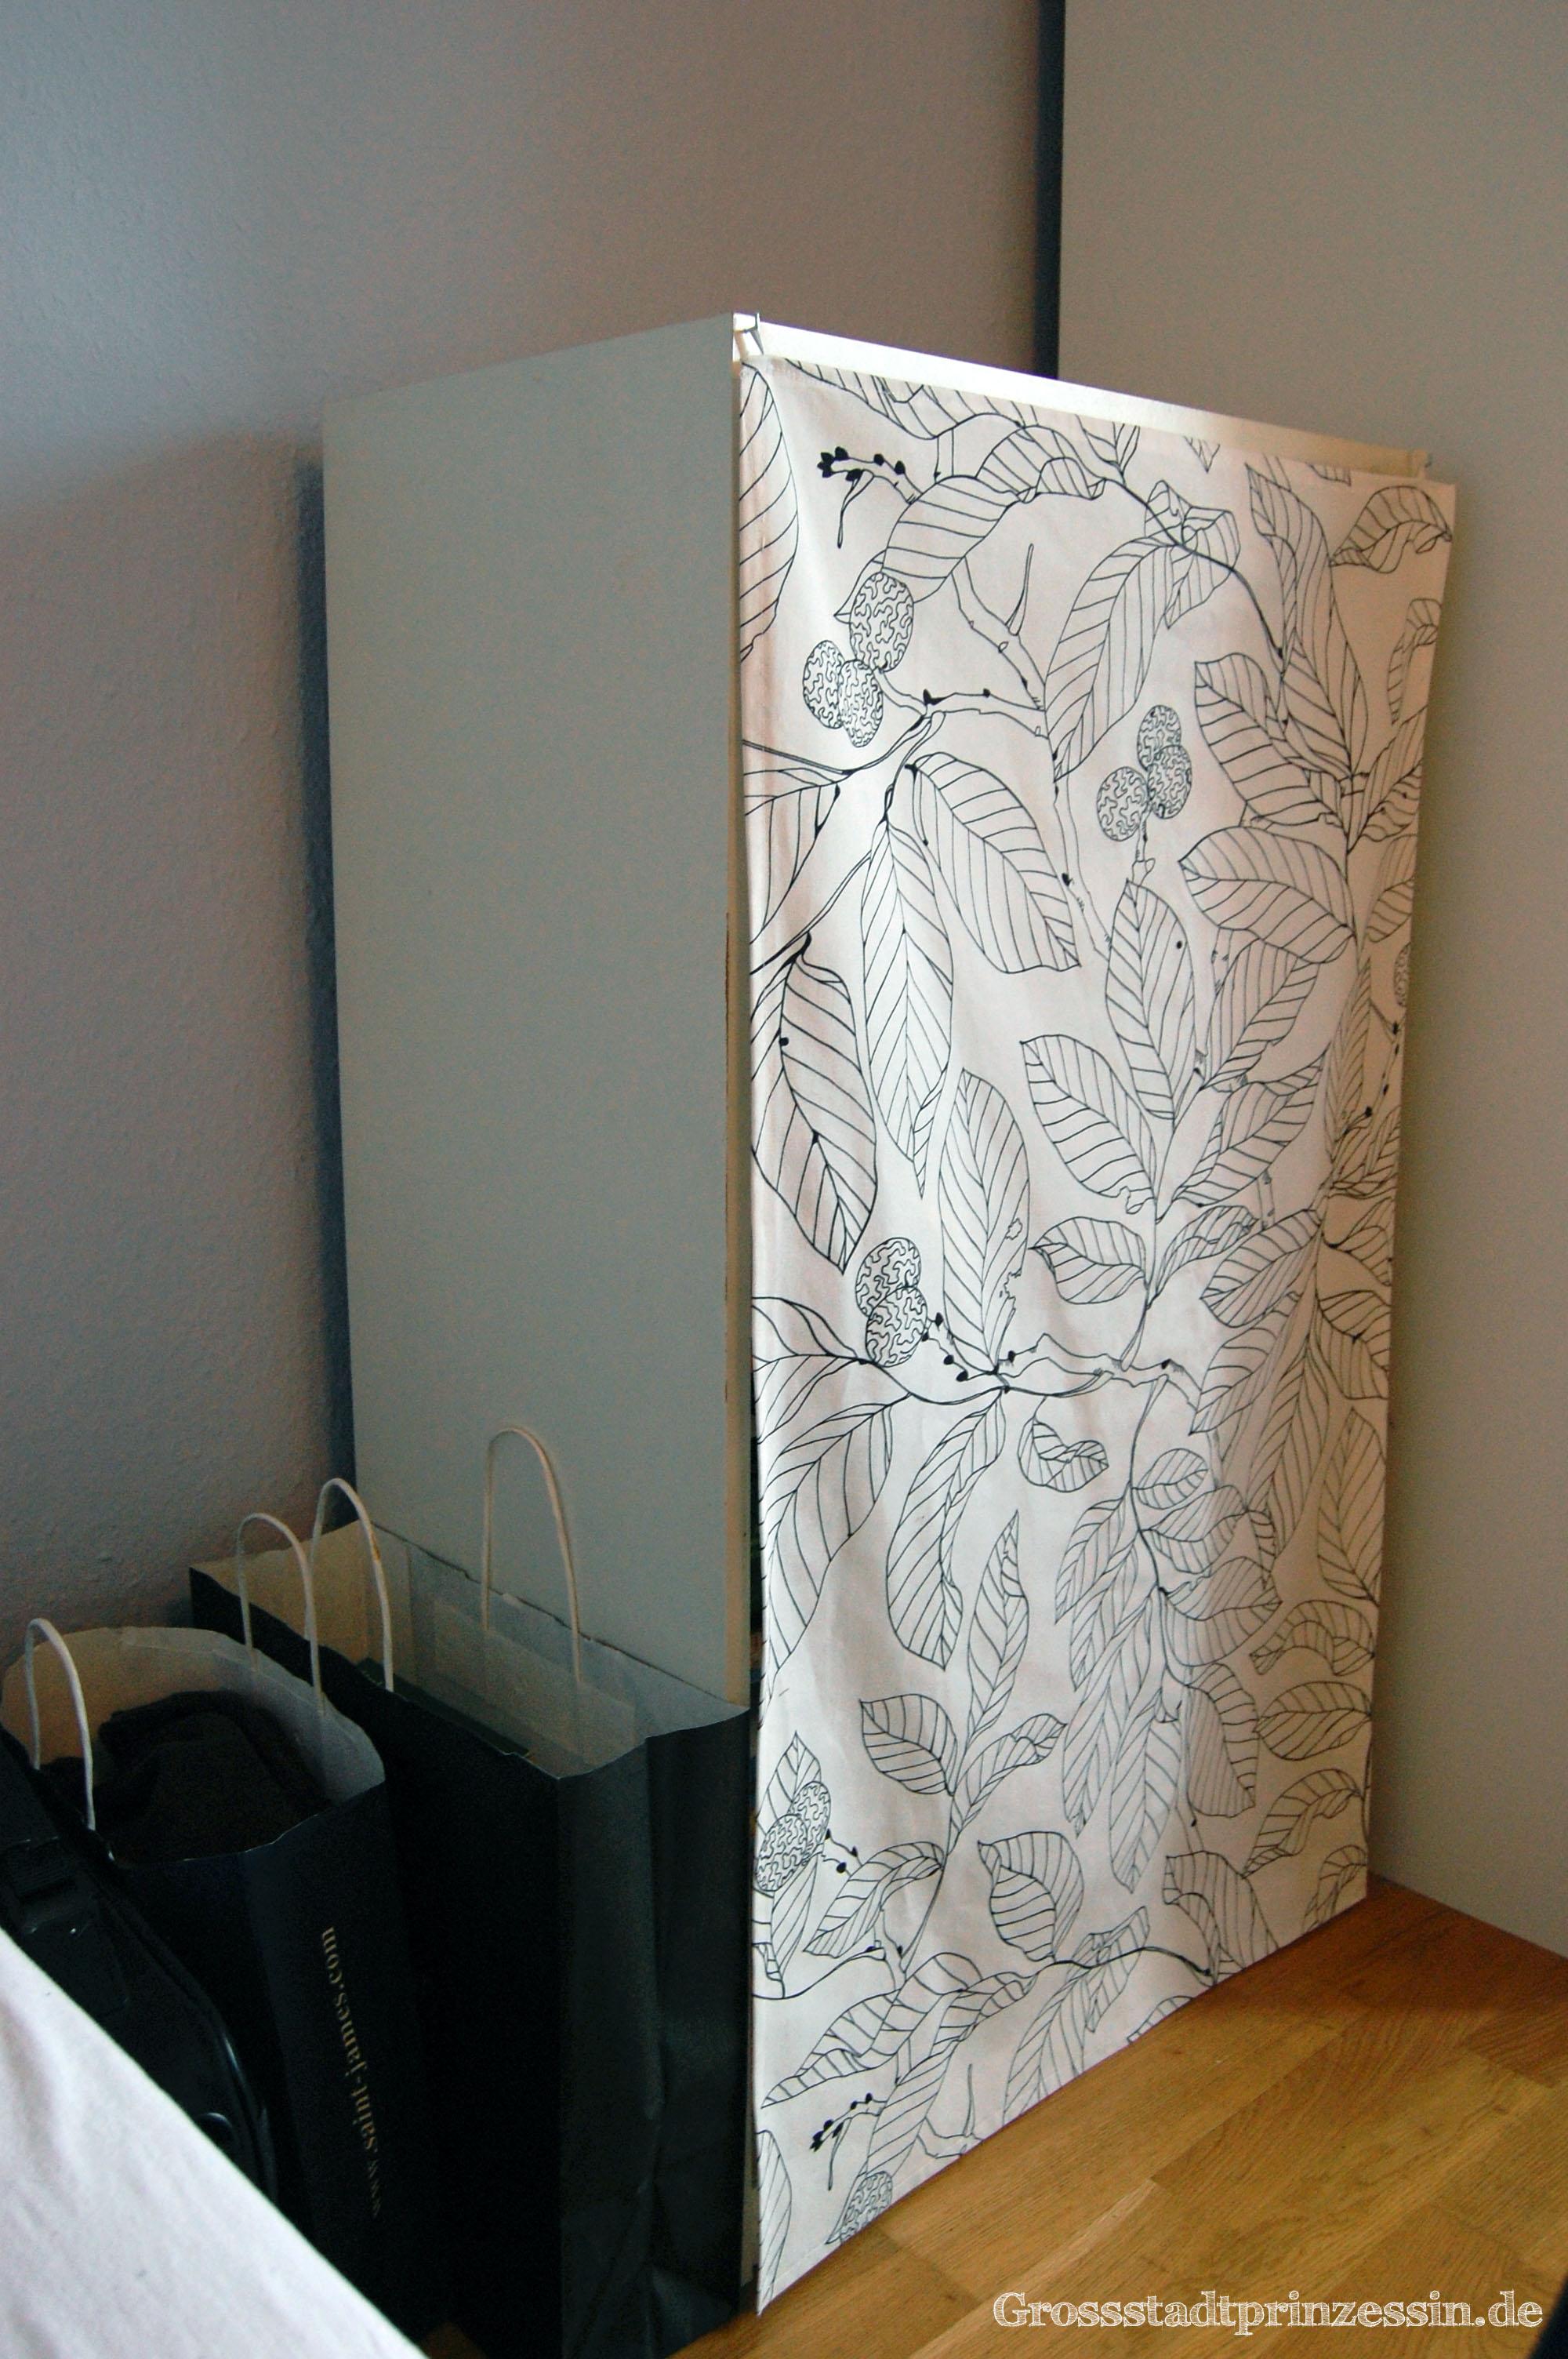 gardinen deko vorhang k chenregal gardinen dekoration verbessern ihr zimmer shade. Black Bedroom Furniture Sets. Home Design Ideas